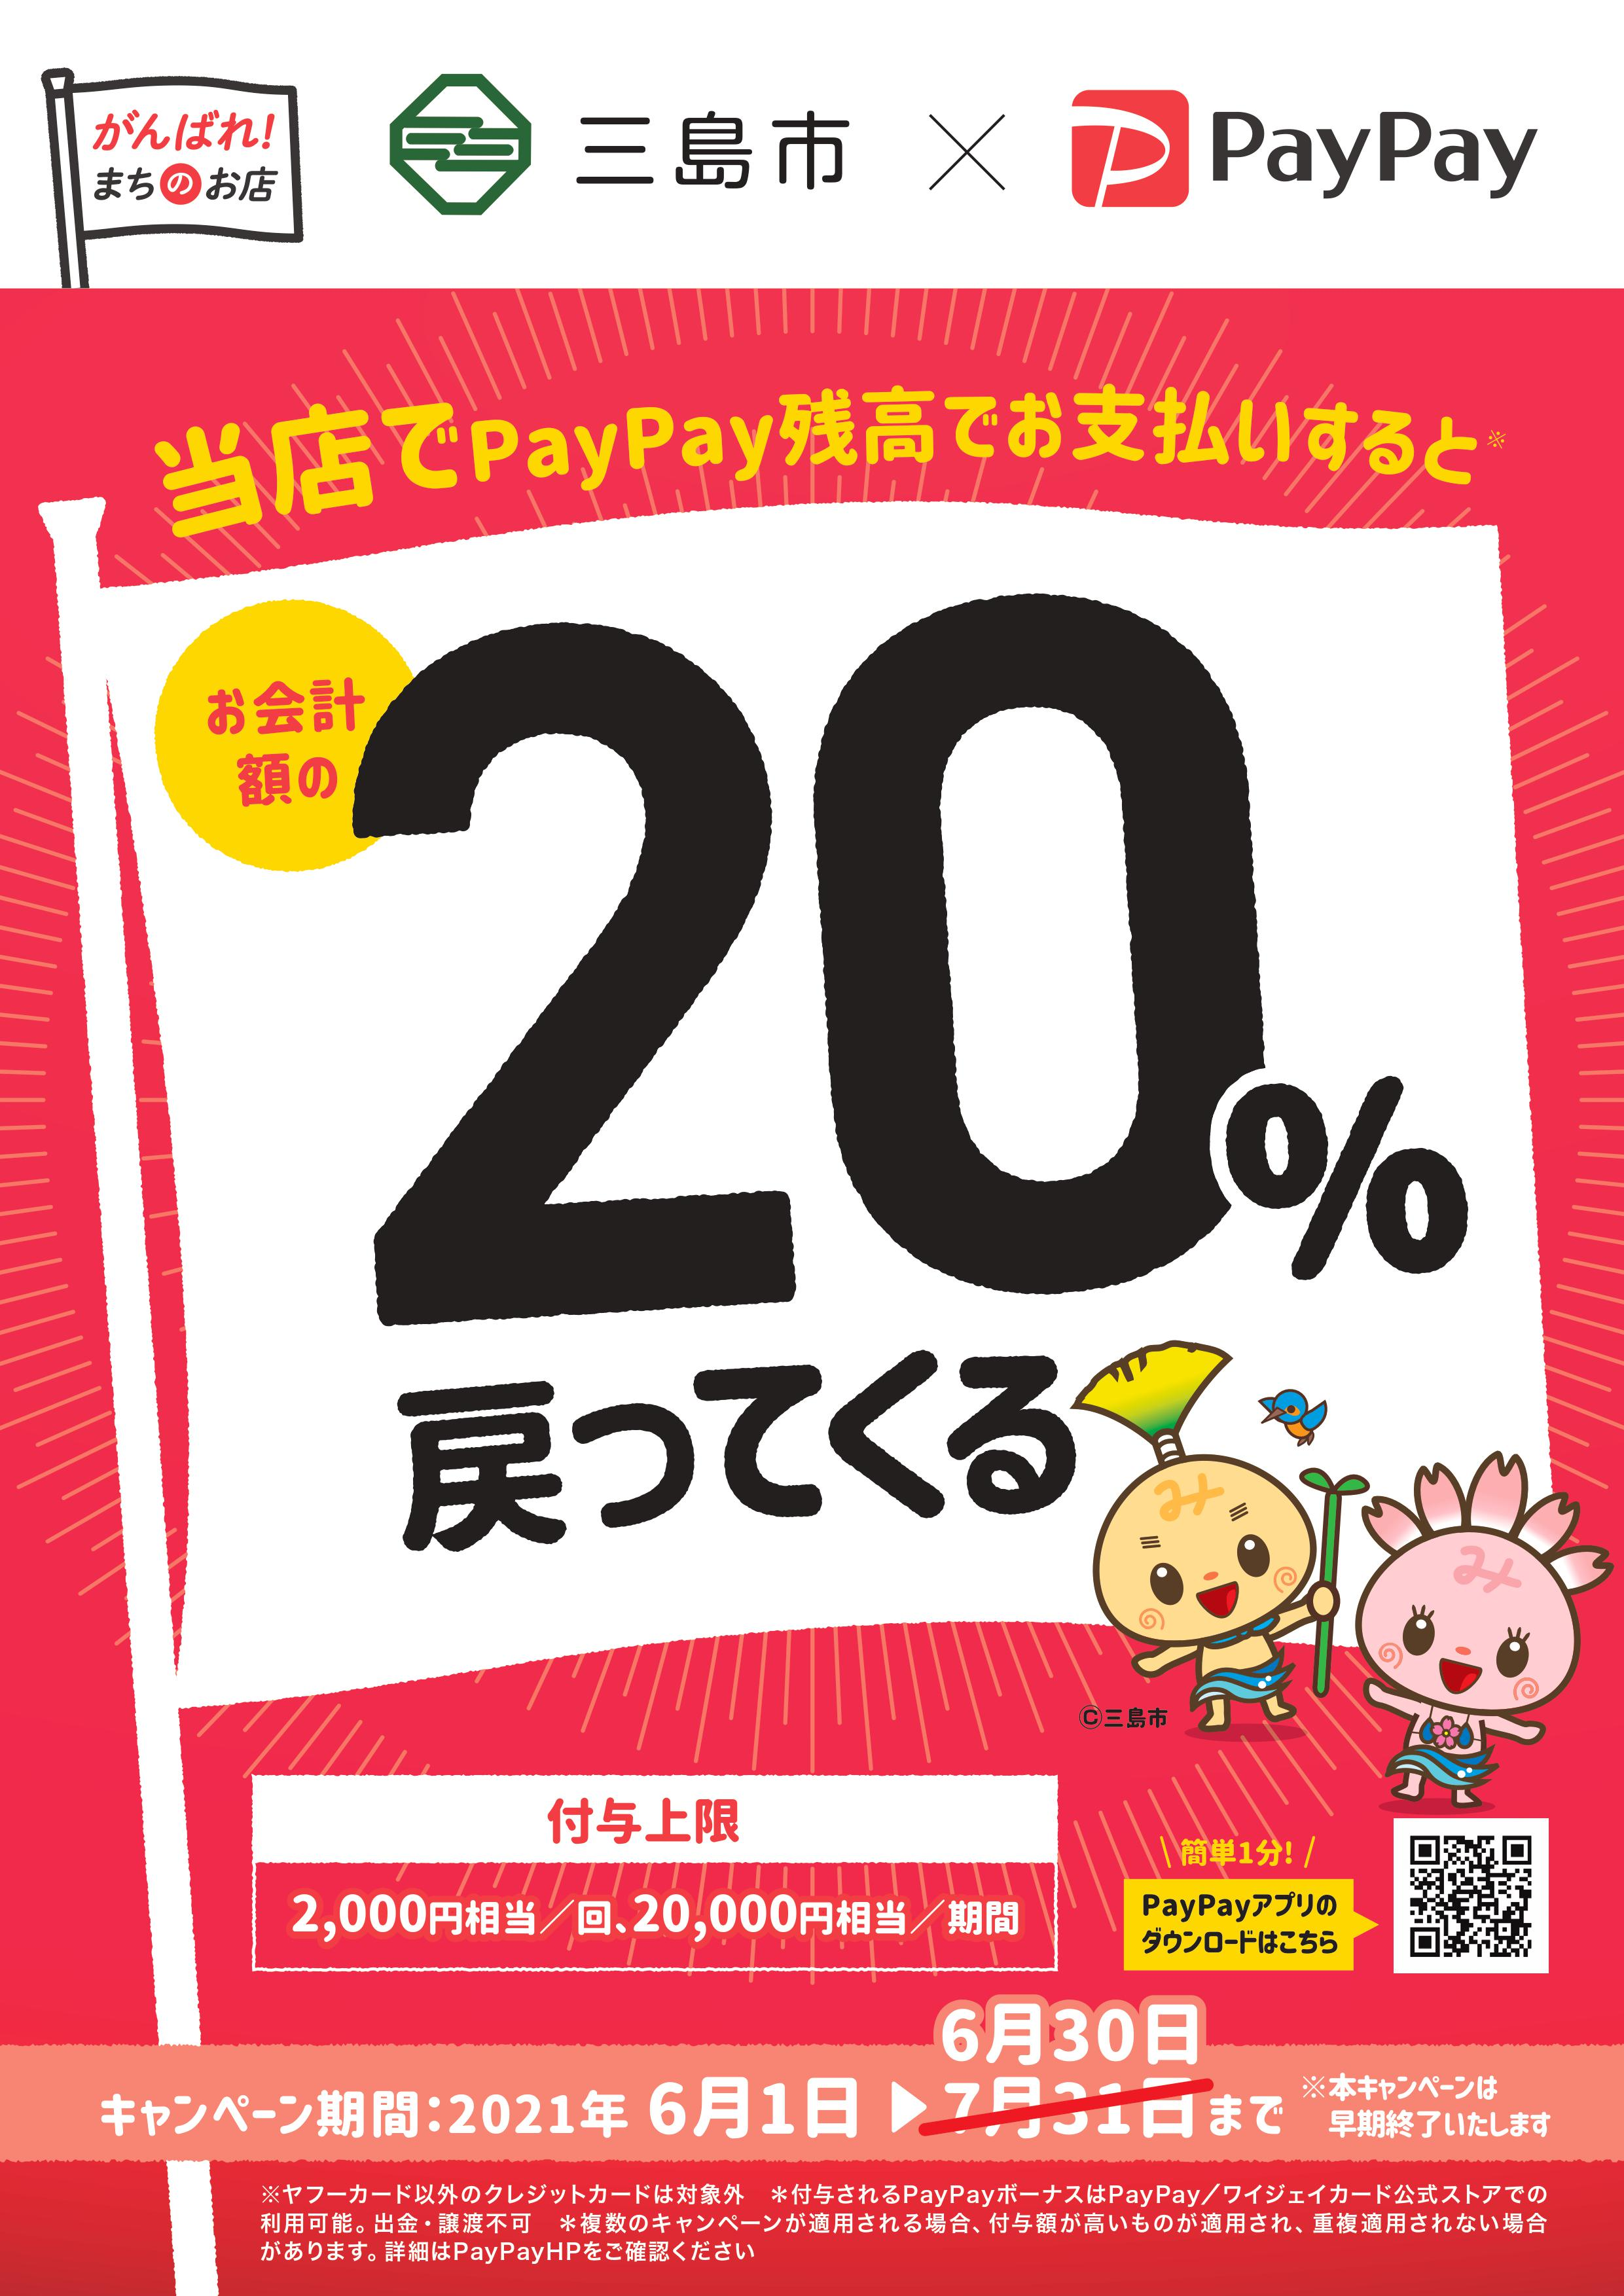 三島市×PayPayキャンペーン早期終了のお知らせ